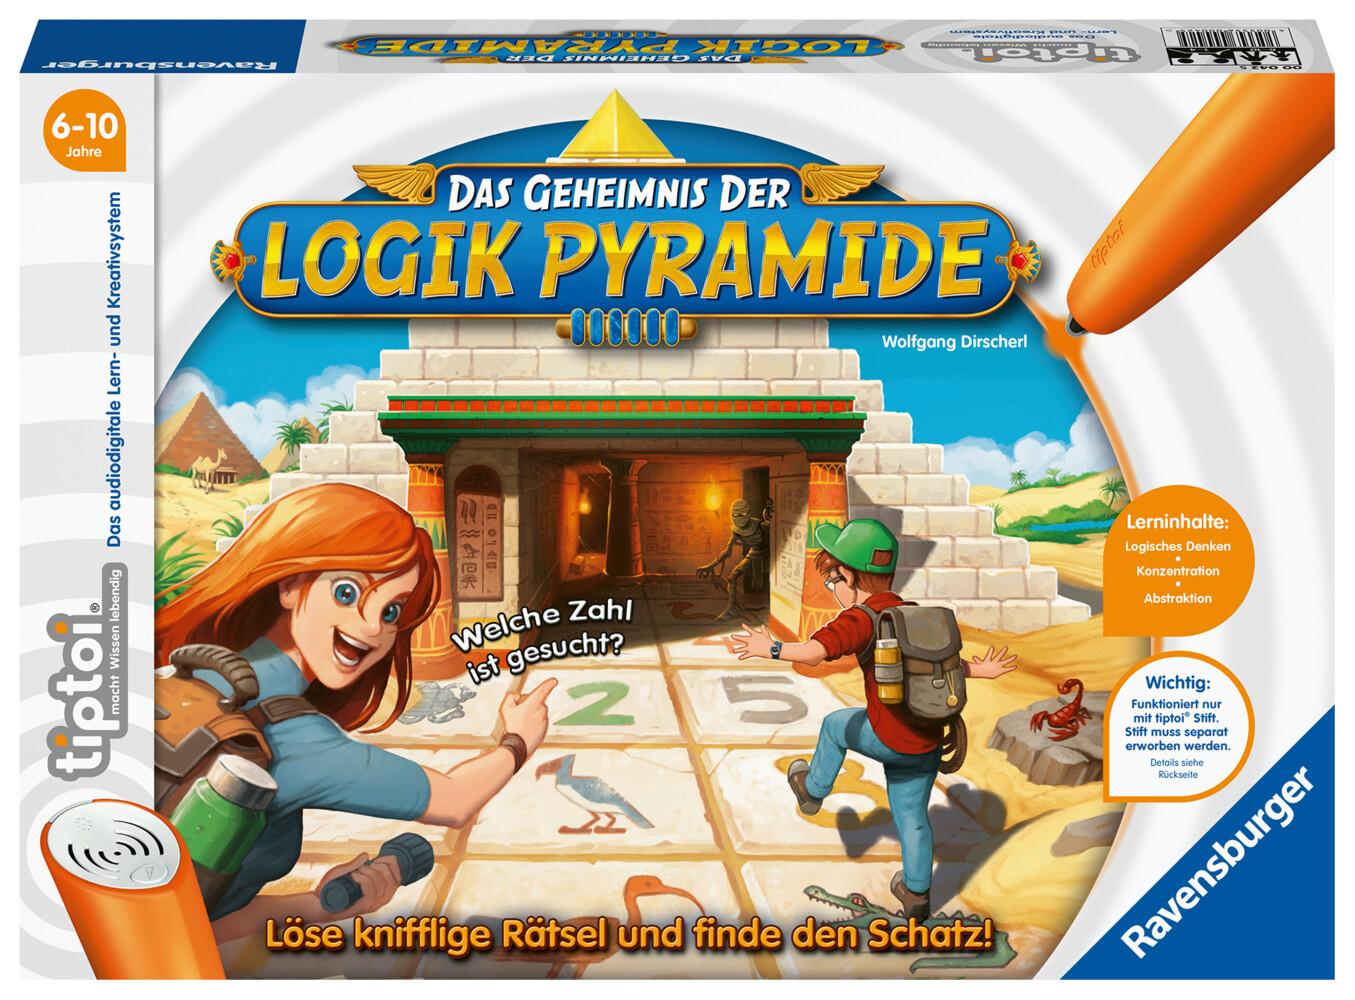 tiptoi - Das Geheimnis der Logik-Pyramide als Spielware